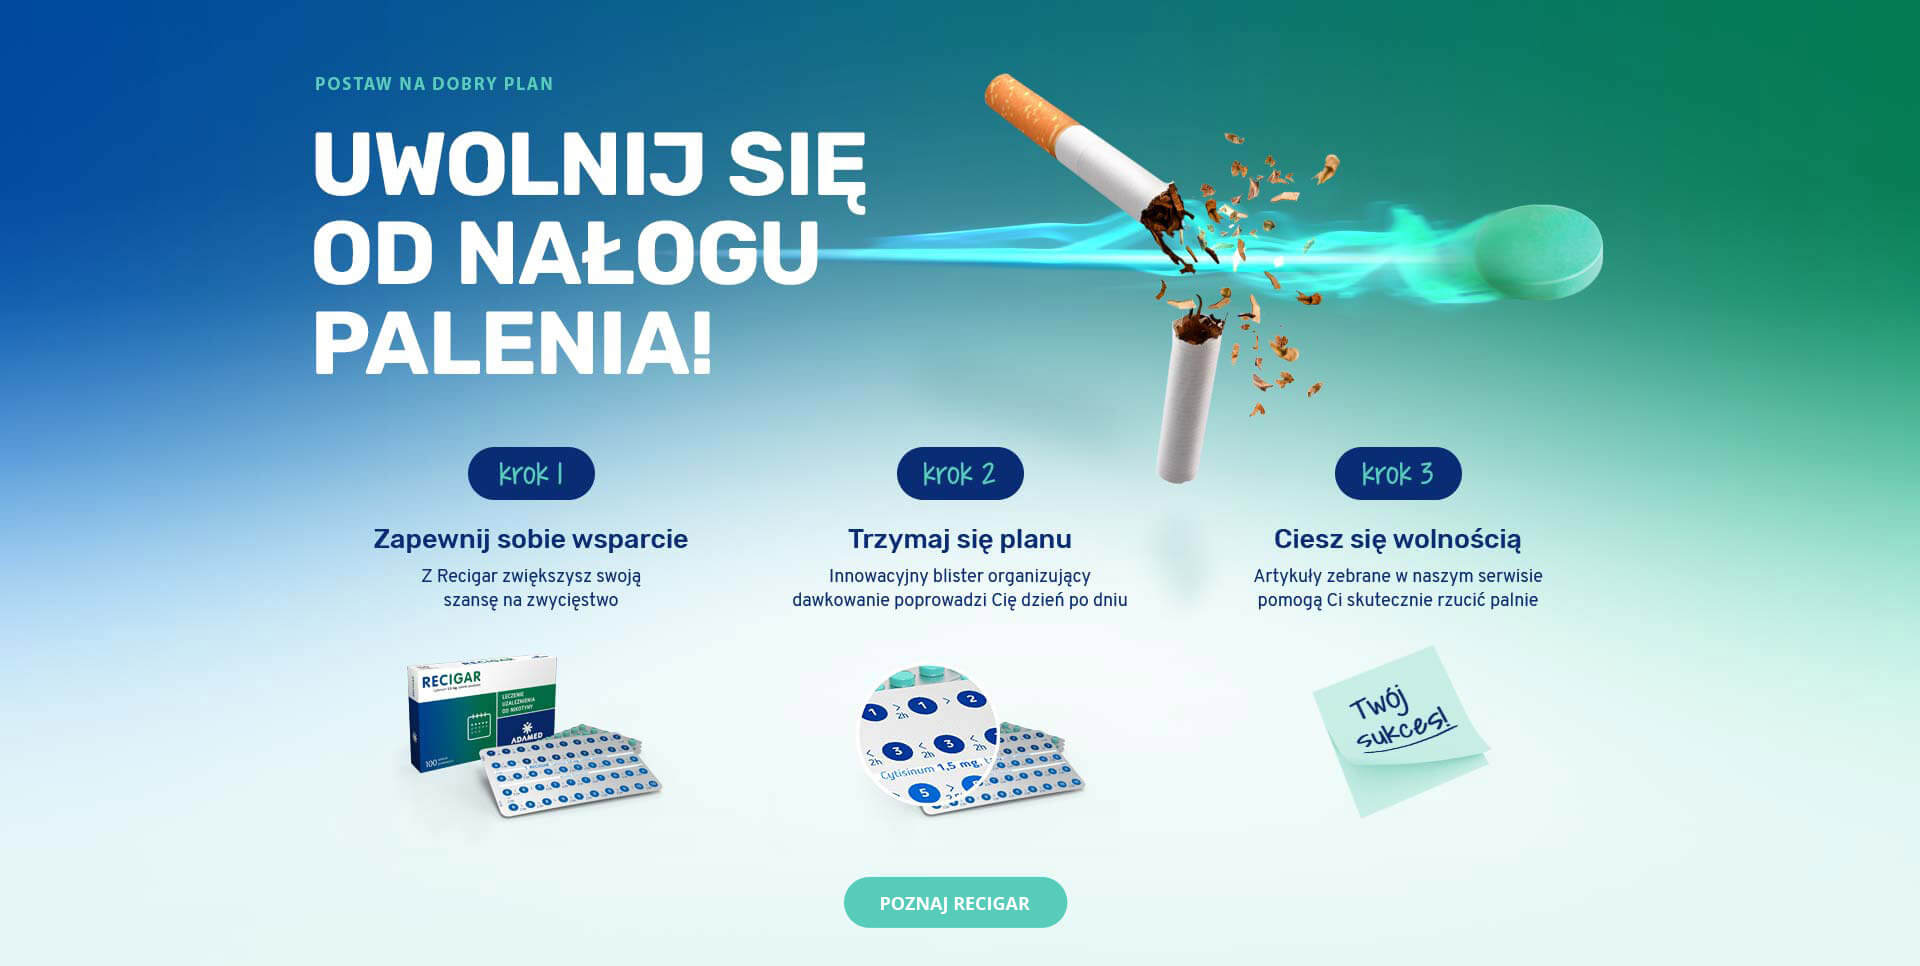 Uwolnij się od nałogu palenia w 3 krokach